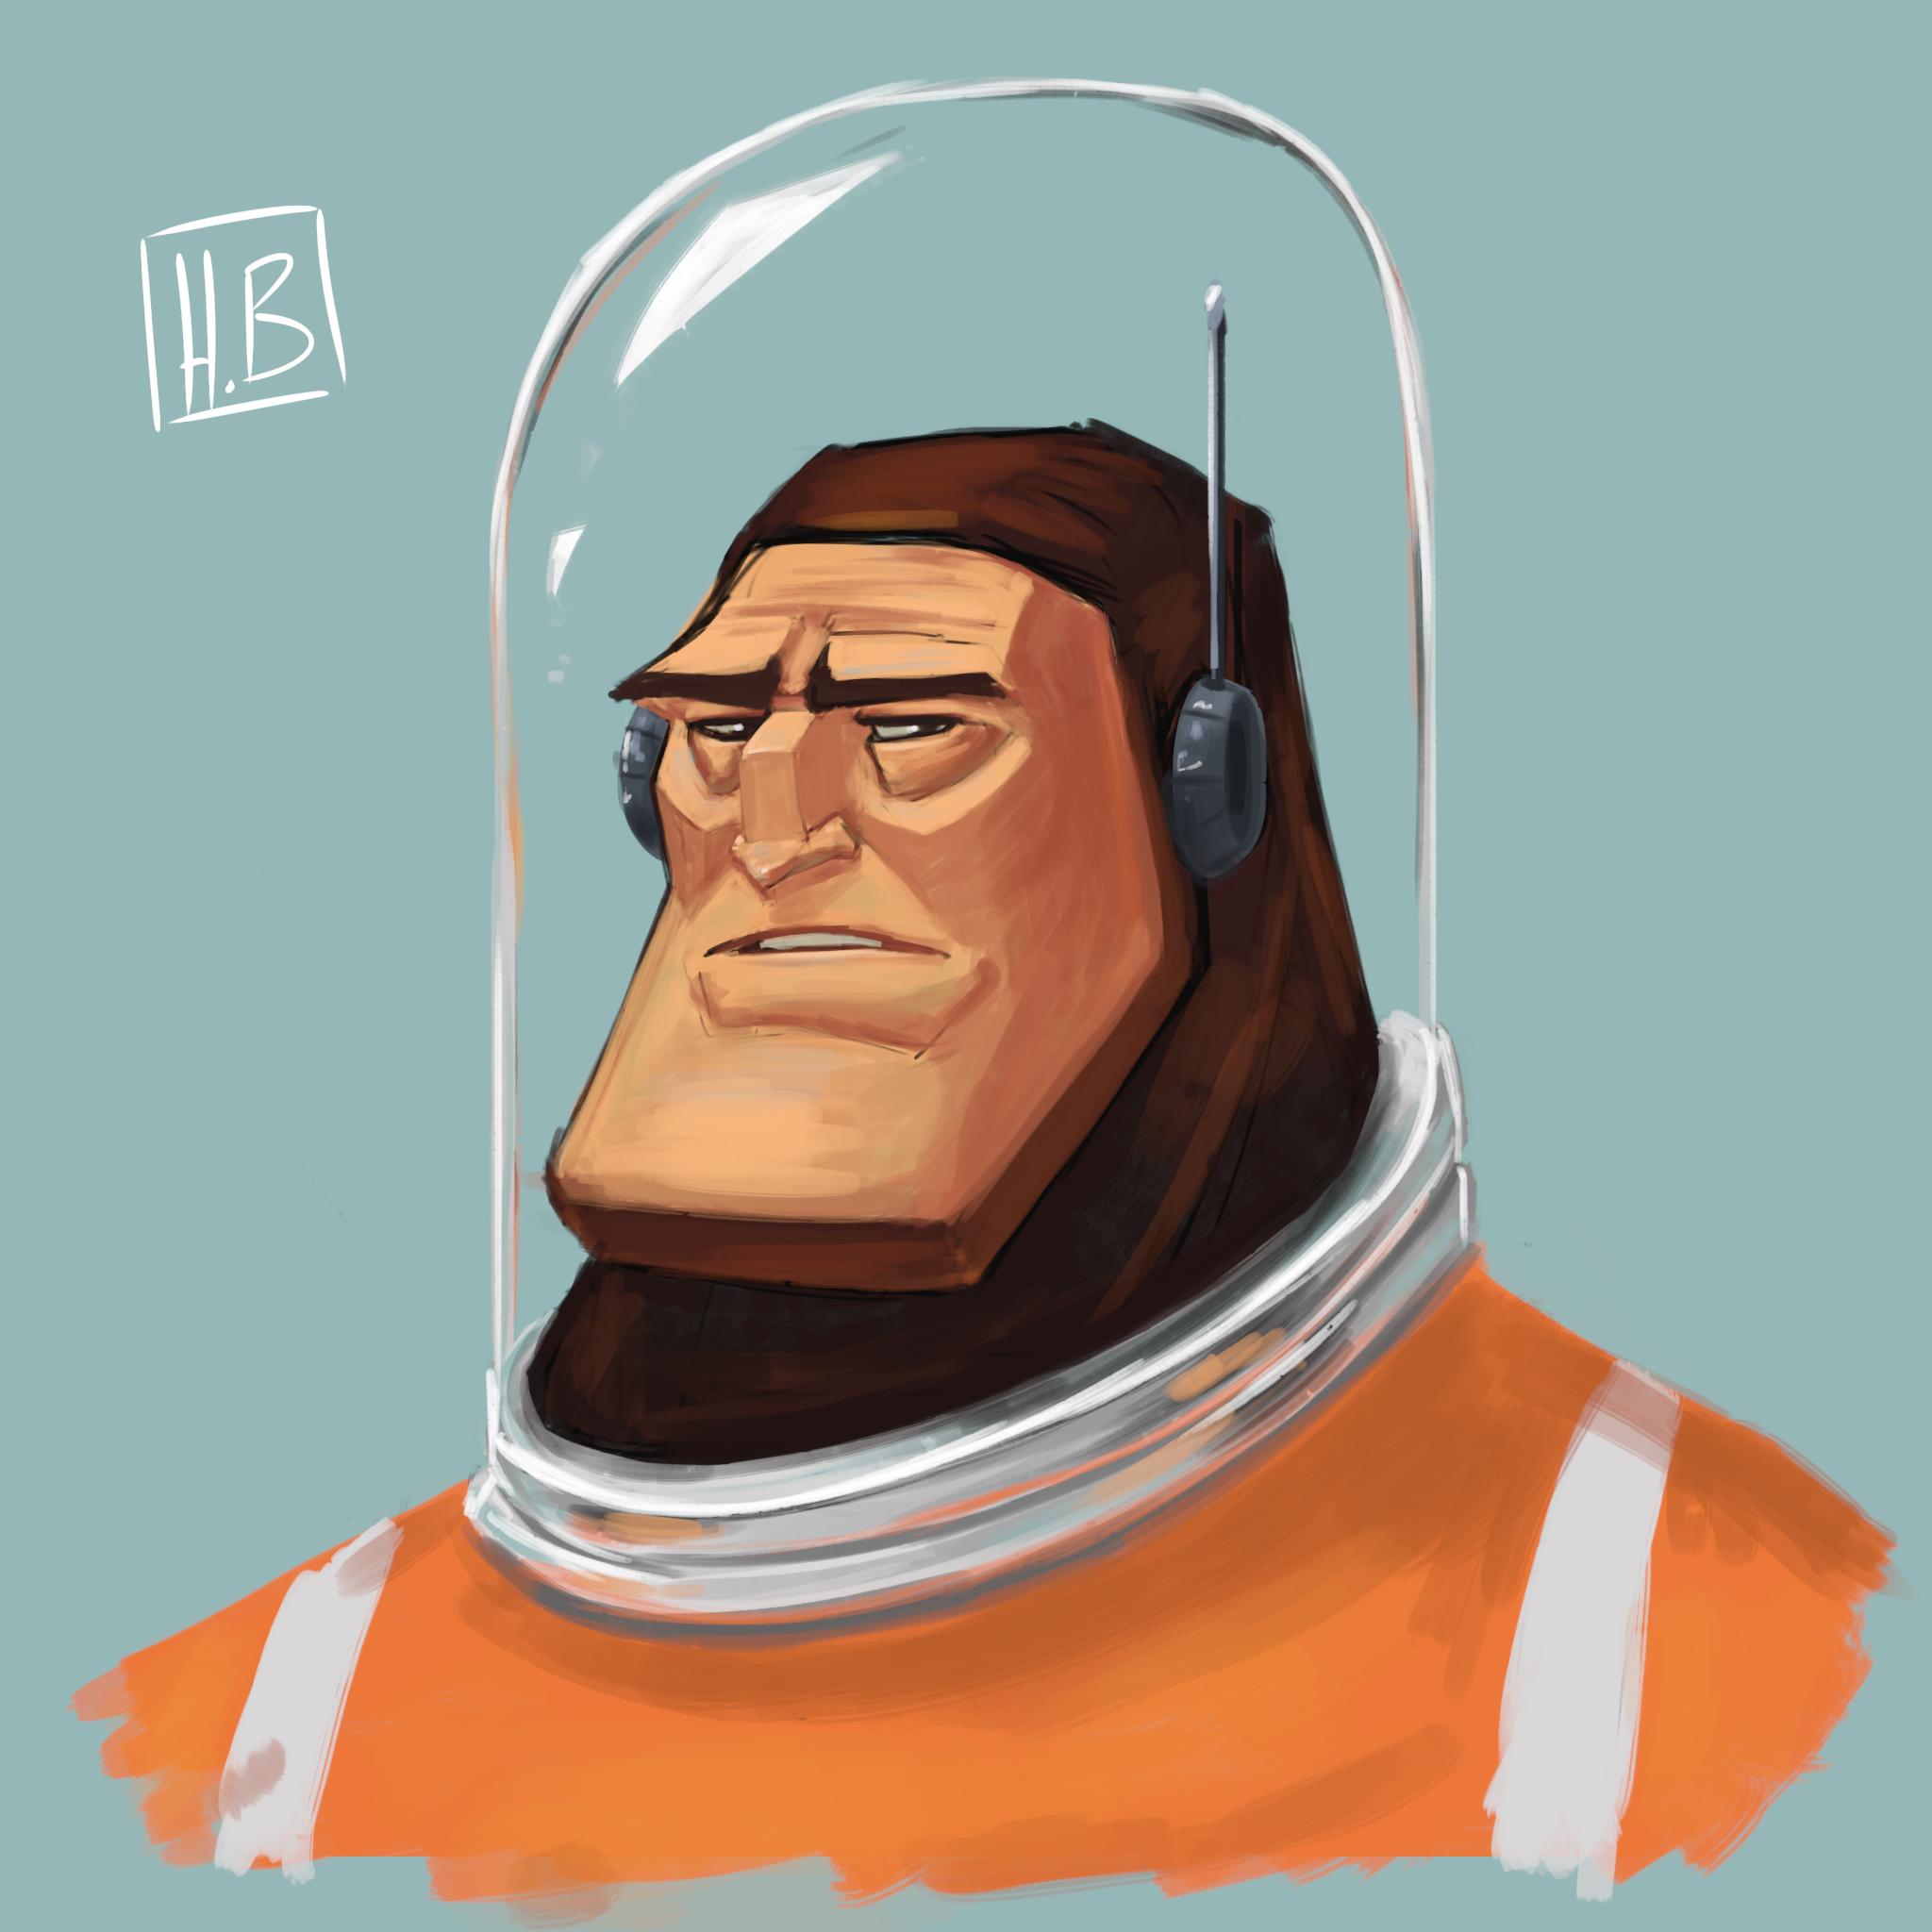 Asstronaut.